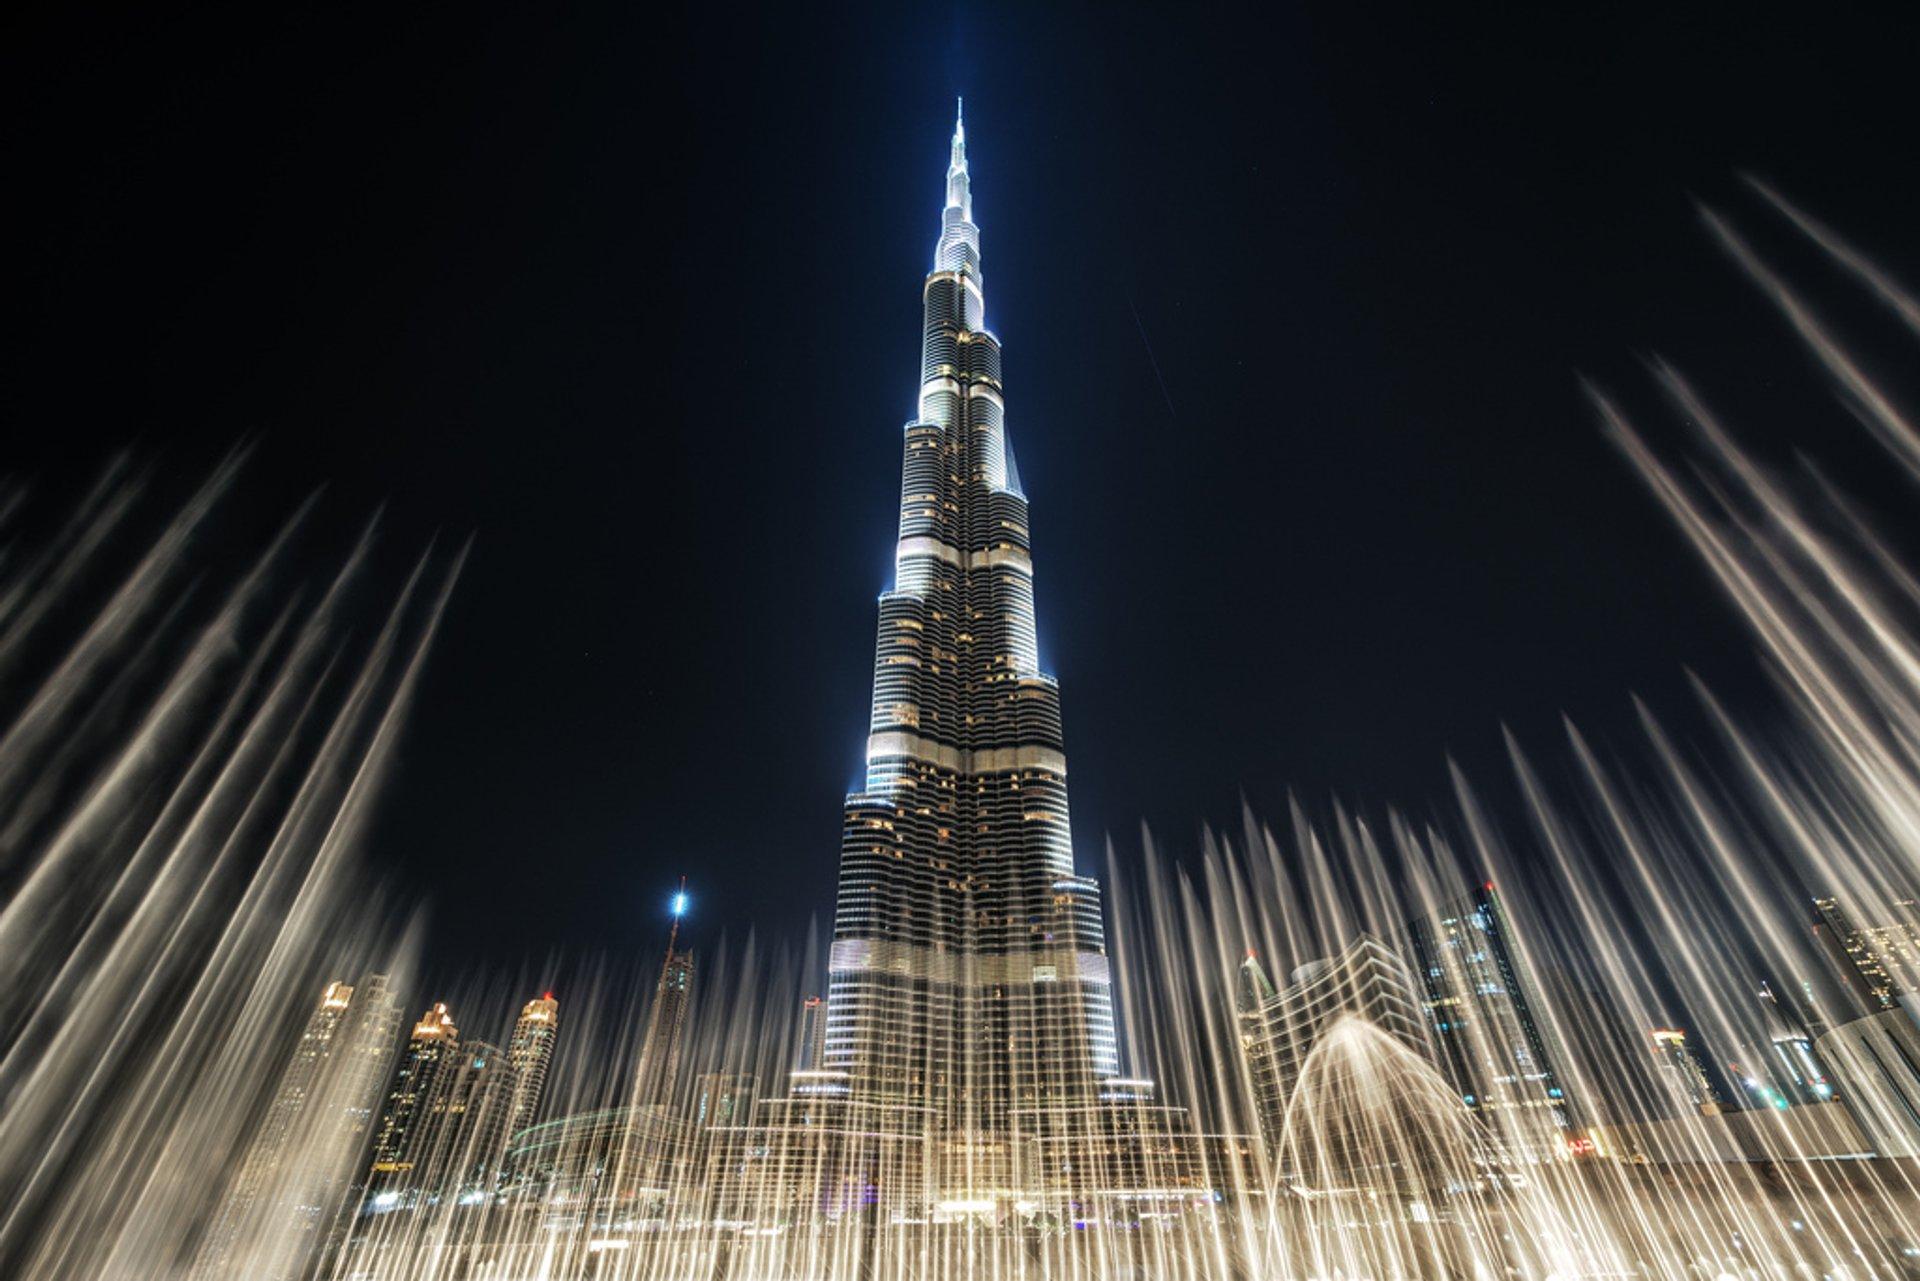 Burj Khalifa in Dubai 2020 - Best Time